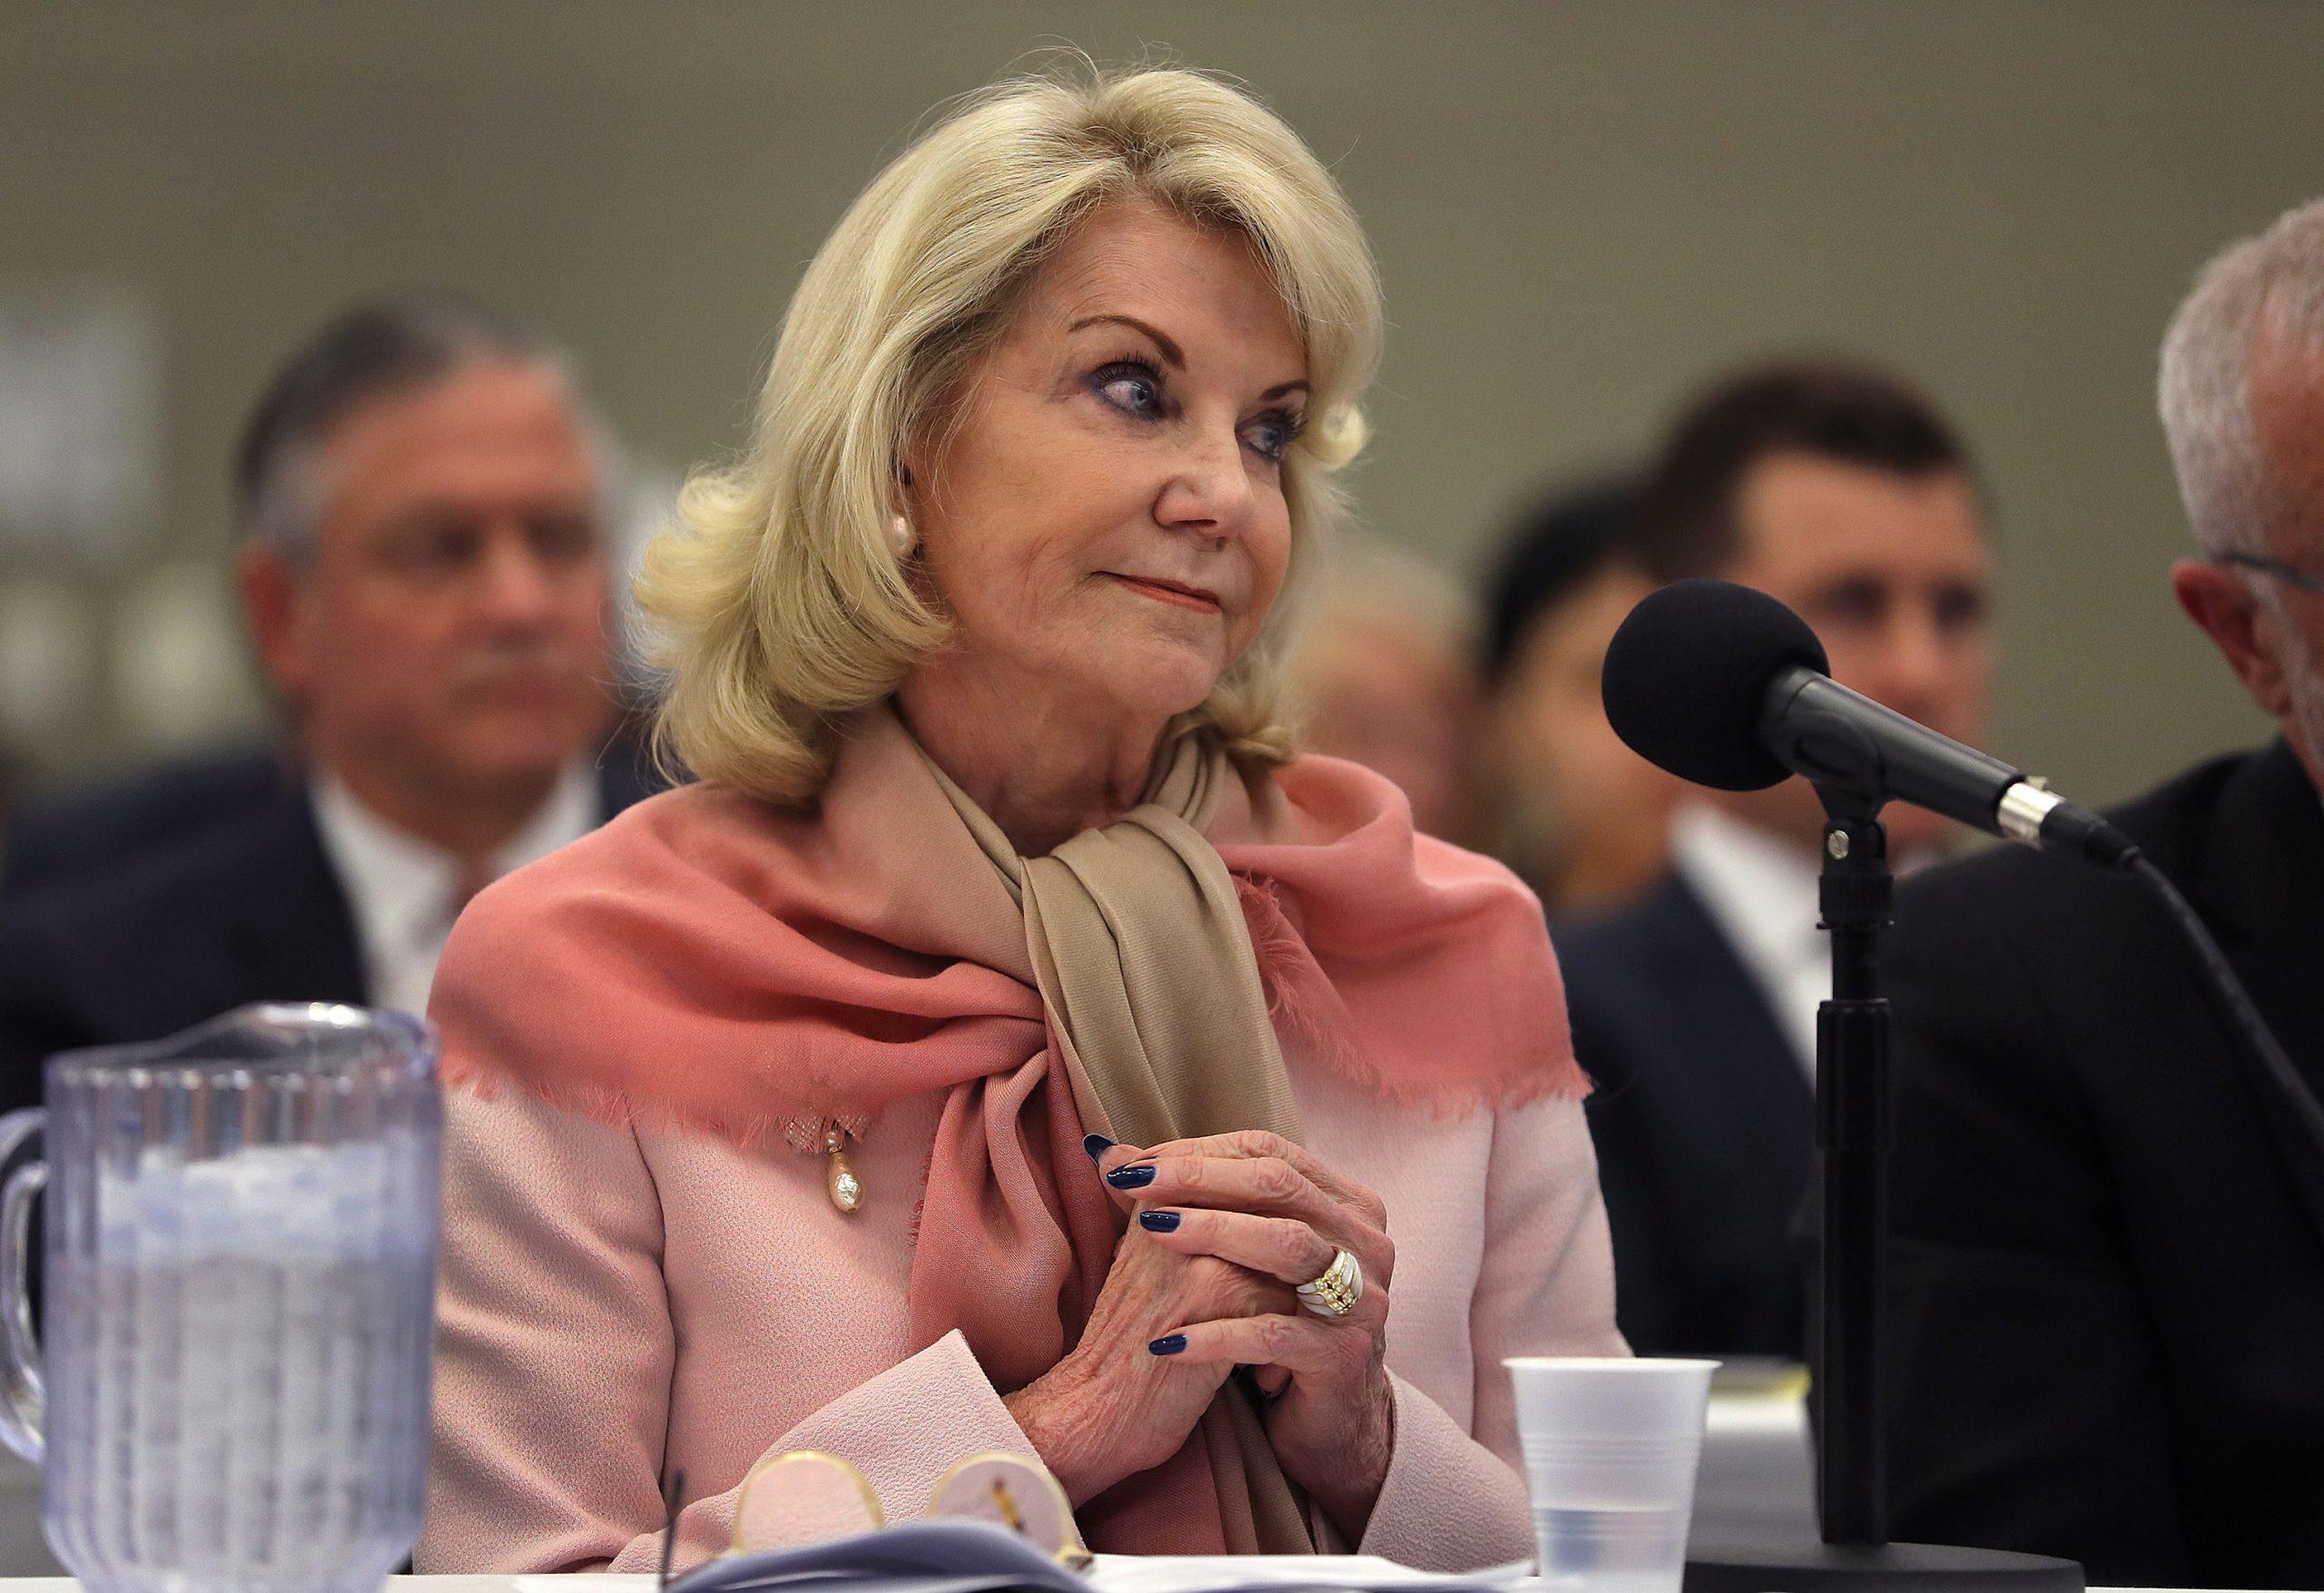 Wynn Resorts Biggest Single Shareholder Elaine Wynn Quits Quest For Board Position